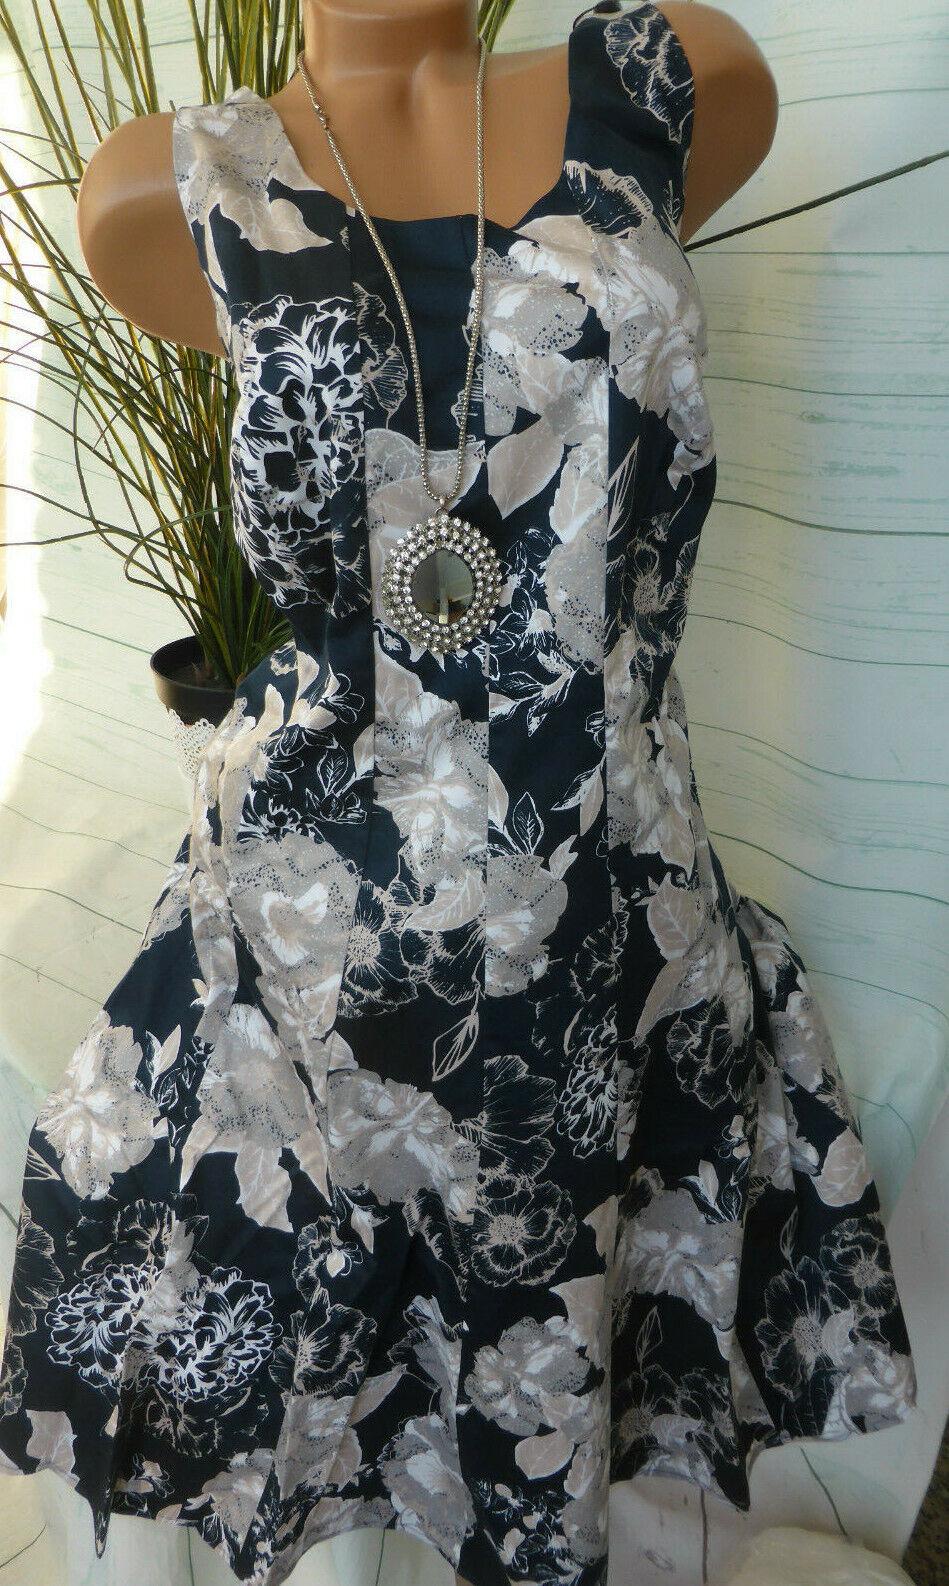 a1b660a1daf13 Sheego Kleid Trägerkleid Cocktailkleid Gr. 40 bis 54 große Größen NEU (716)  *